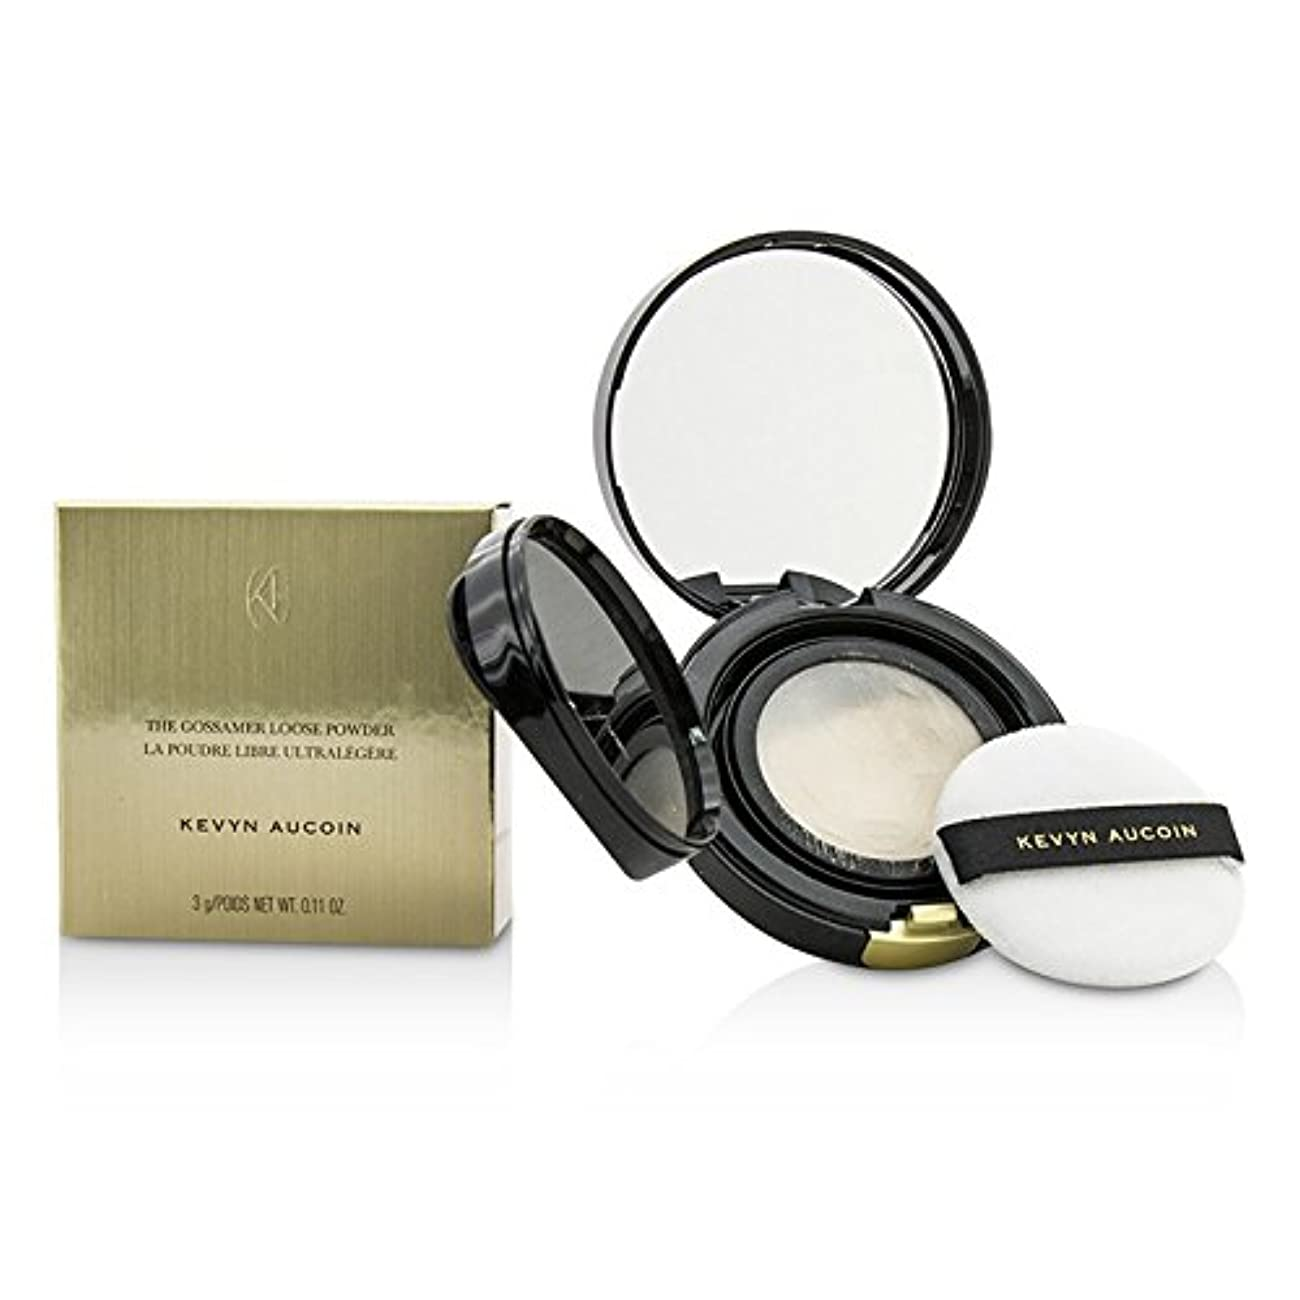 注釈晩ごはん憂鬱ケヴィンオークイン The Gossamer Loose Powder (New Packaging) - Diaphanous (Light Translucent) 3g/0.11oz並行輸入品